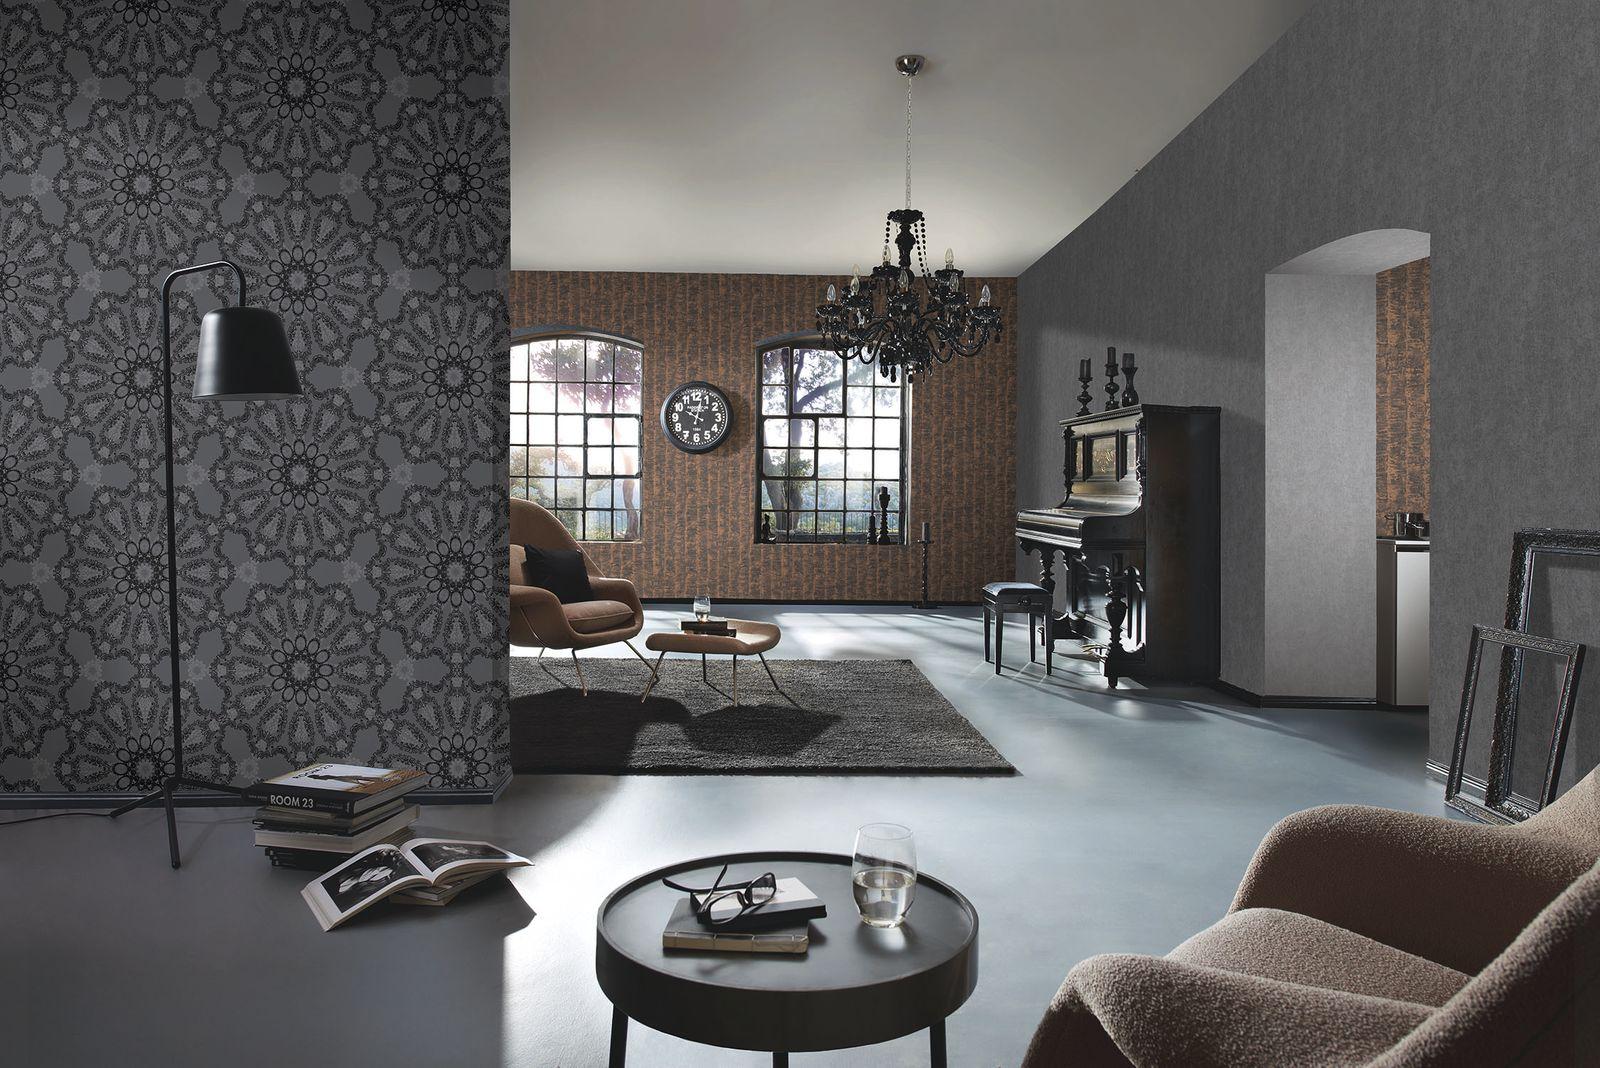 Wallpaper Kretschmer Deluxe Texture Plain Taupe Grey 41000 00